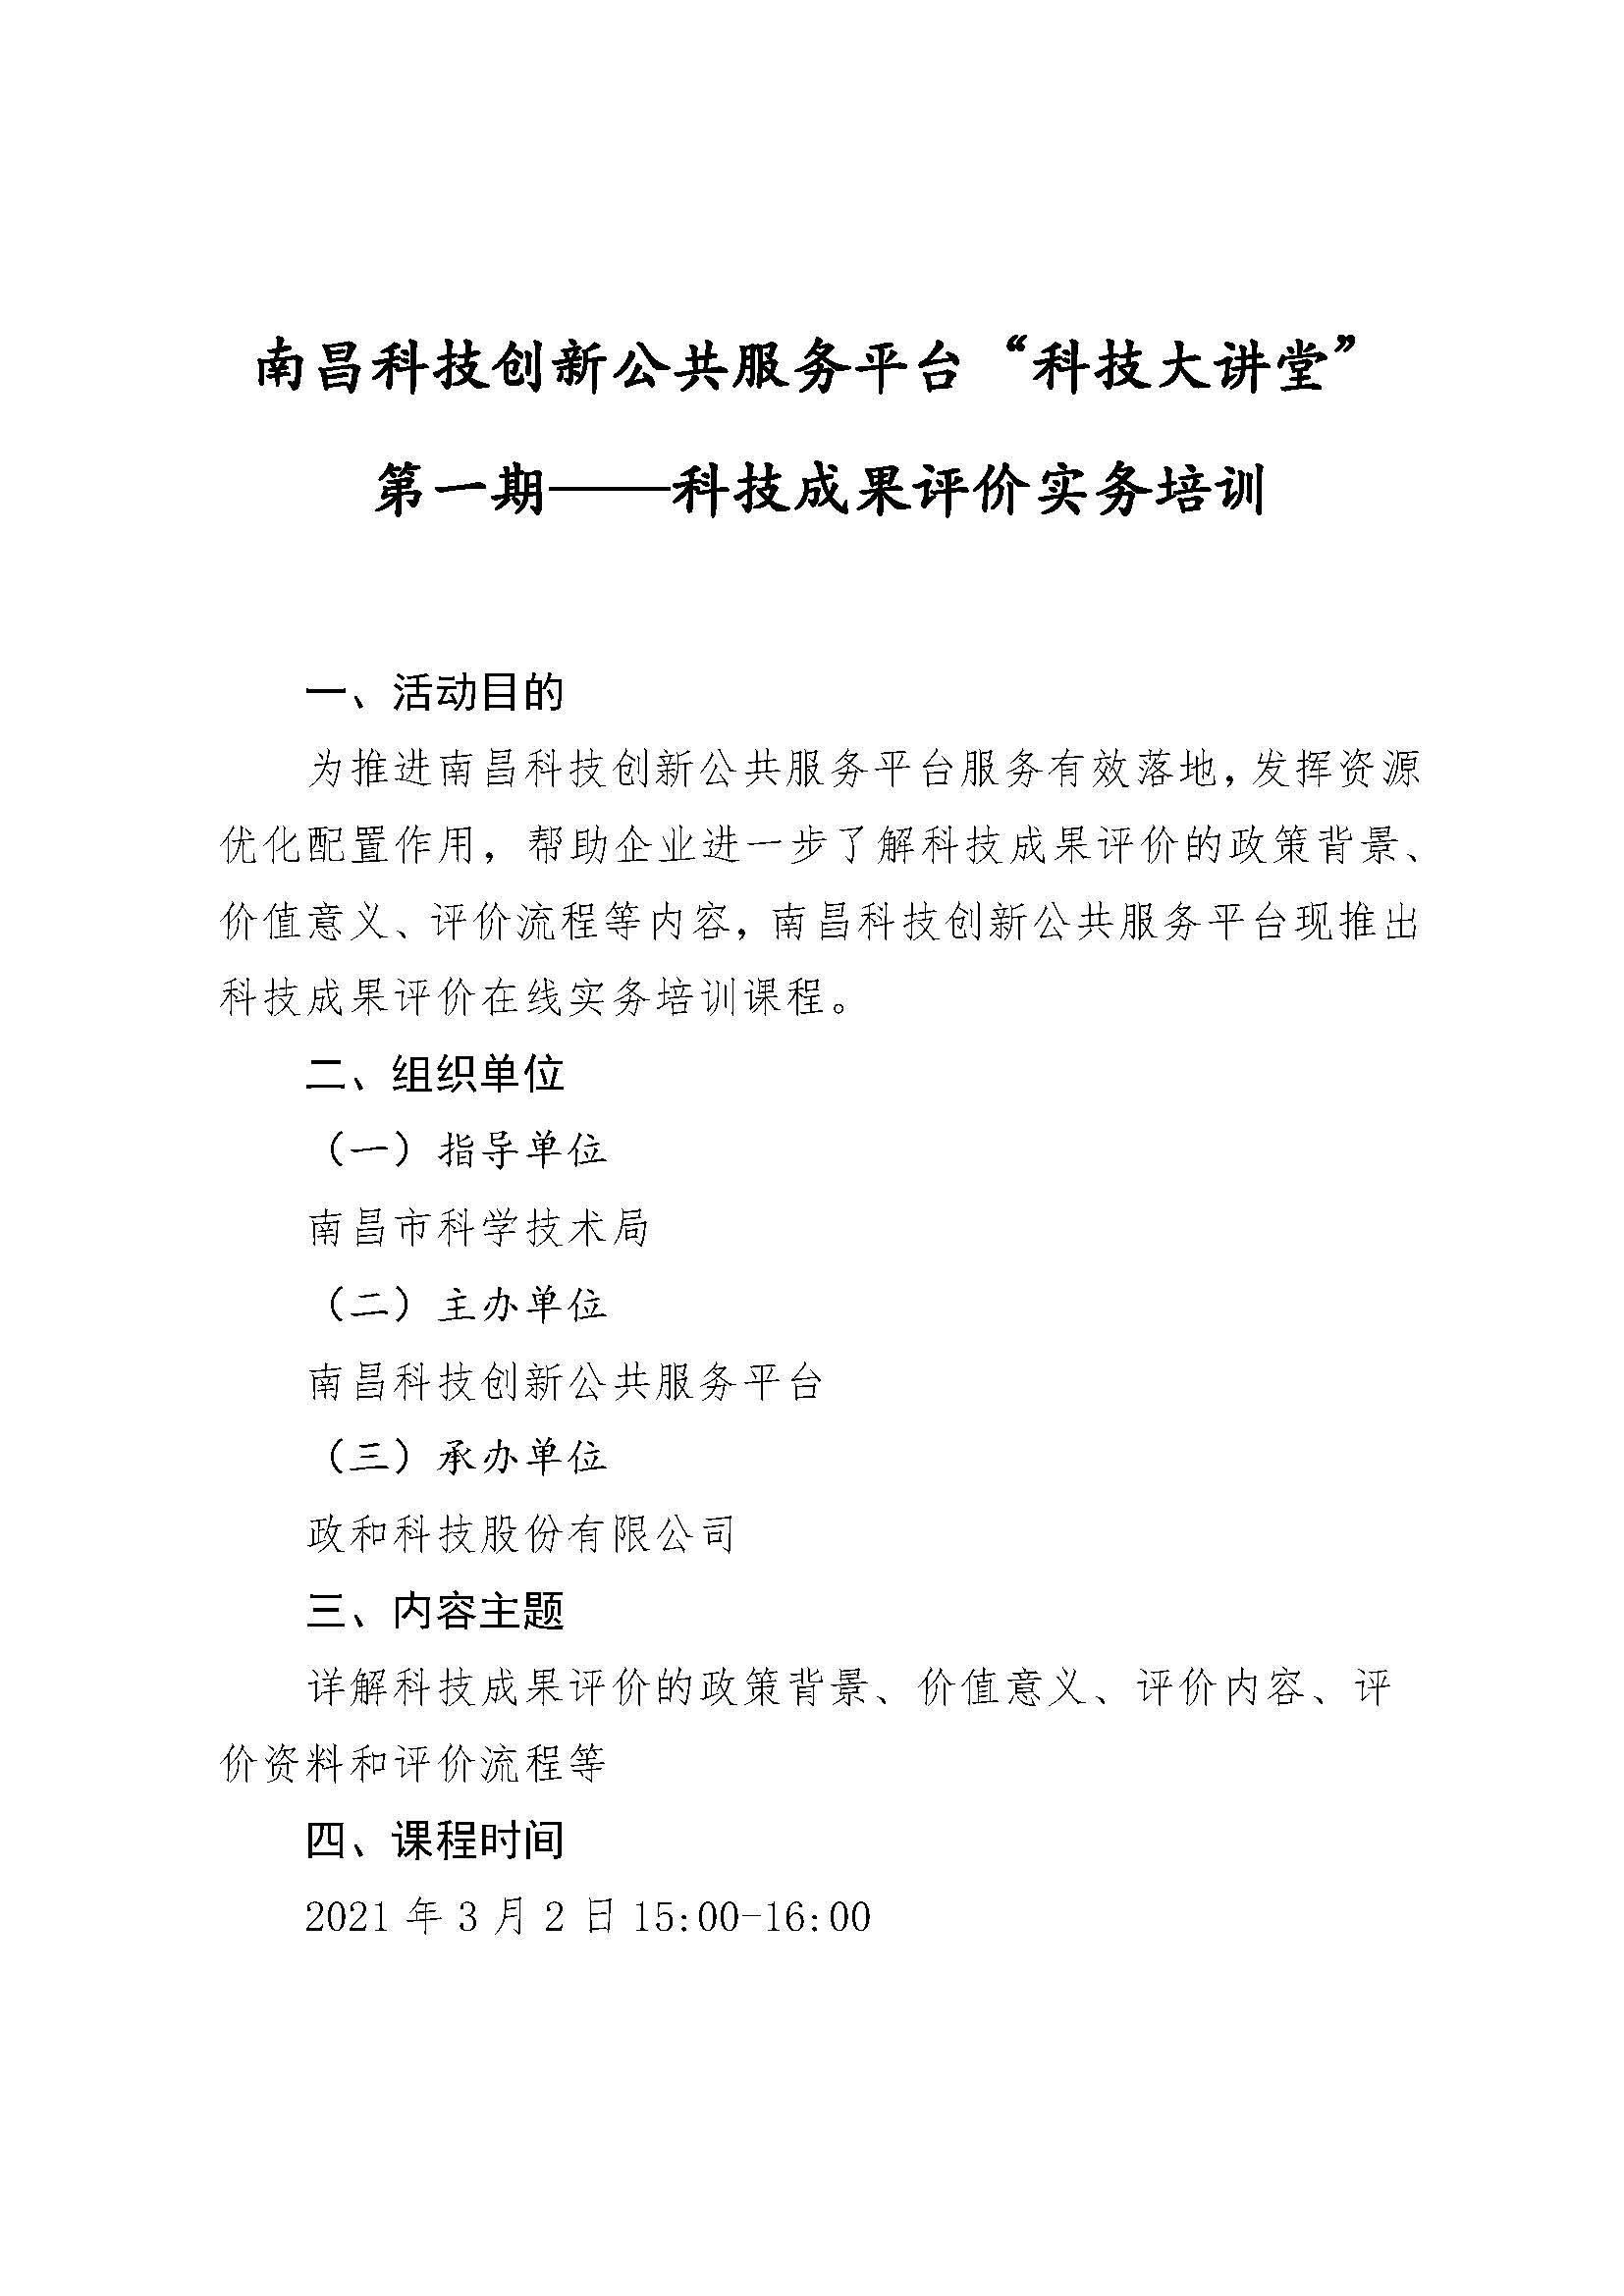 南昌科技创新公共服务平台科技大讲堂第一期20210302培训会_页面_1.jpg